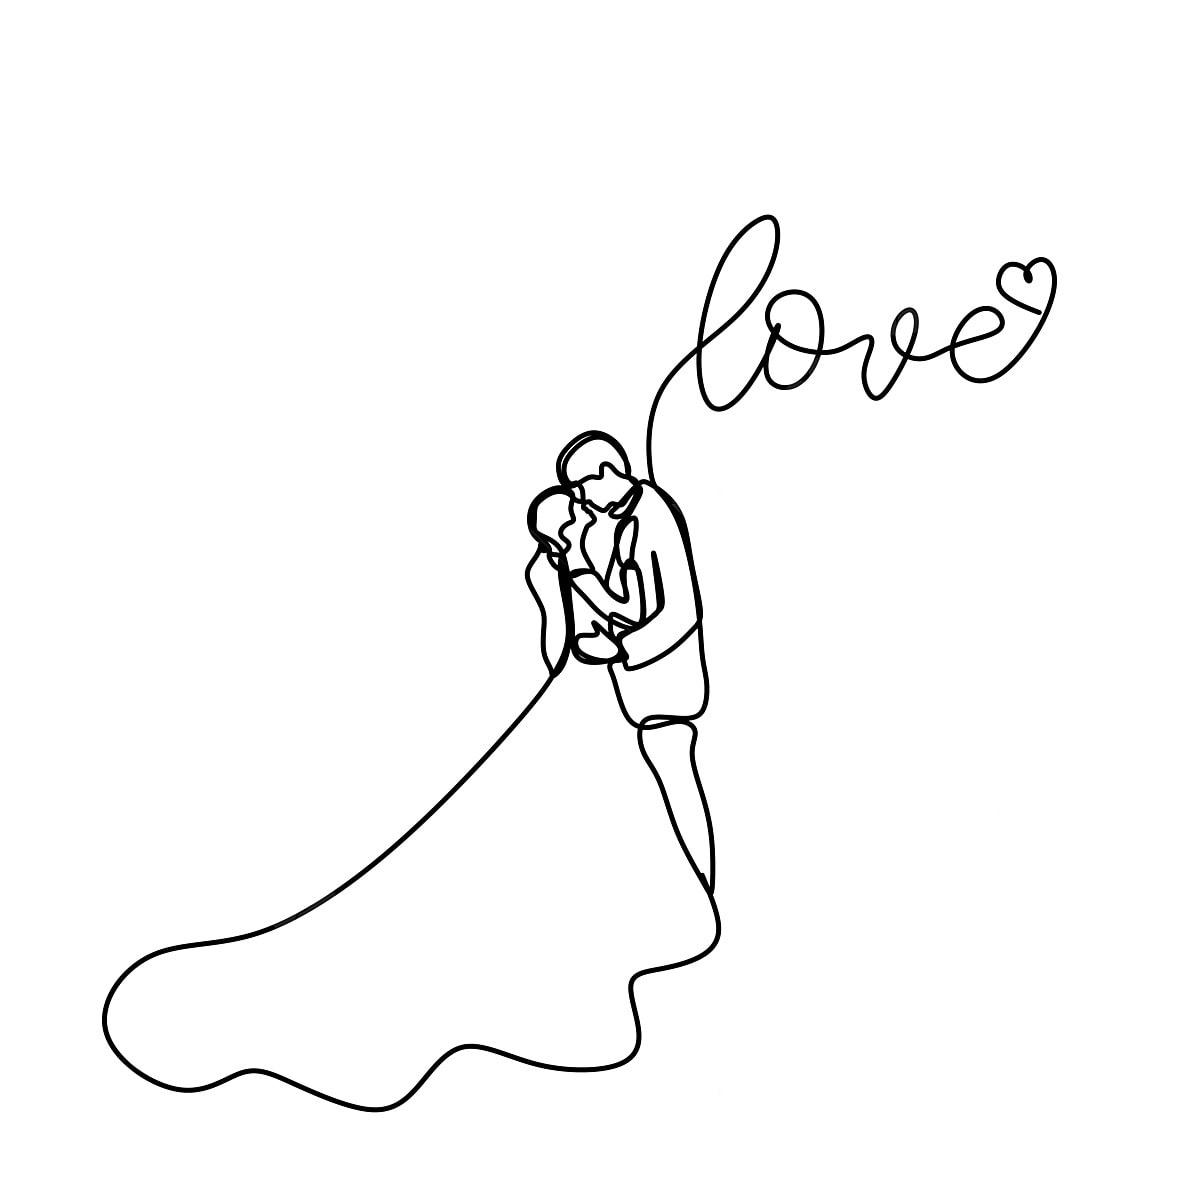 رسم خط متواصل من زوجين رومانسية في التعشيب ثوب نص ناقلات التوضيح